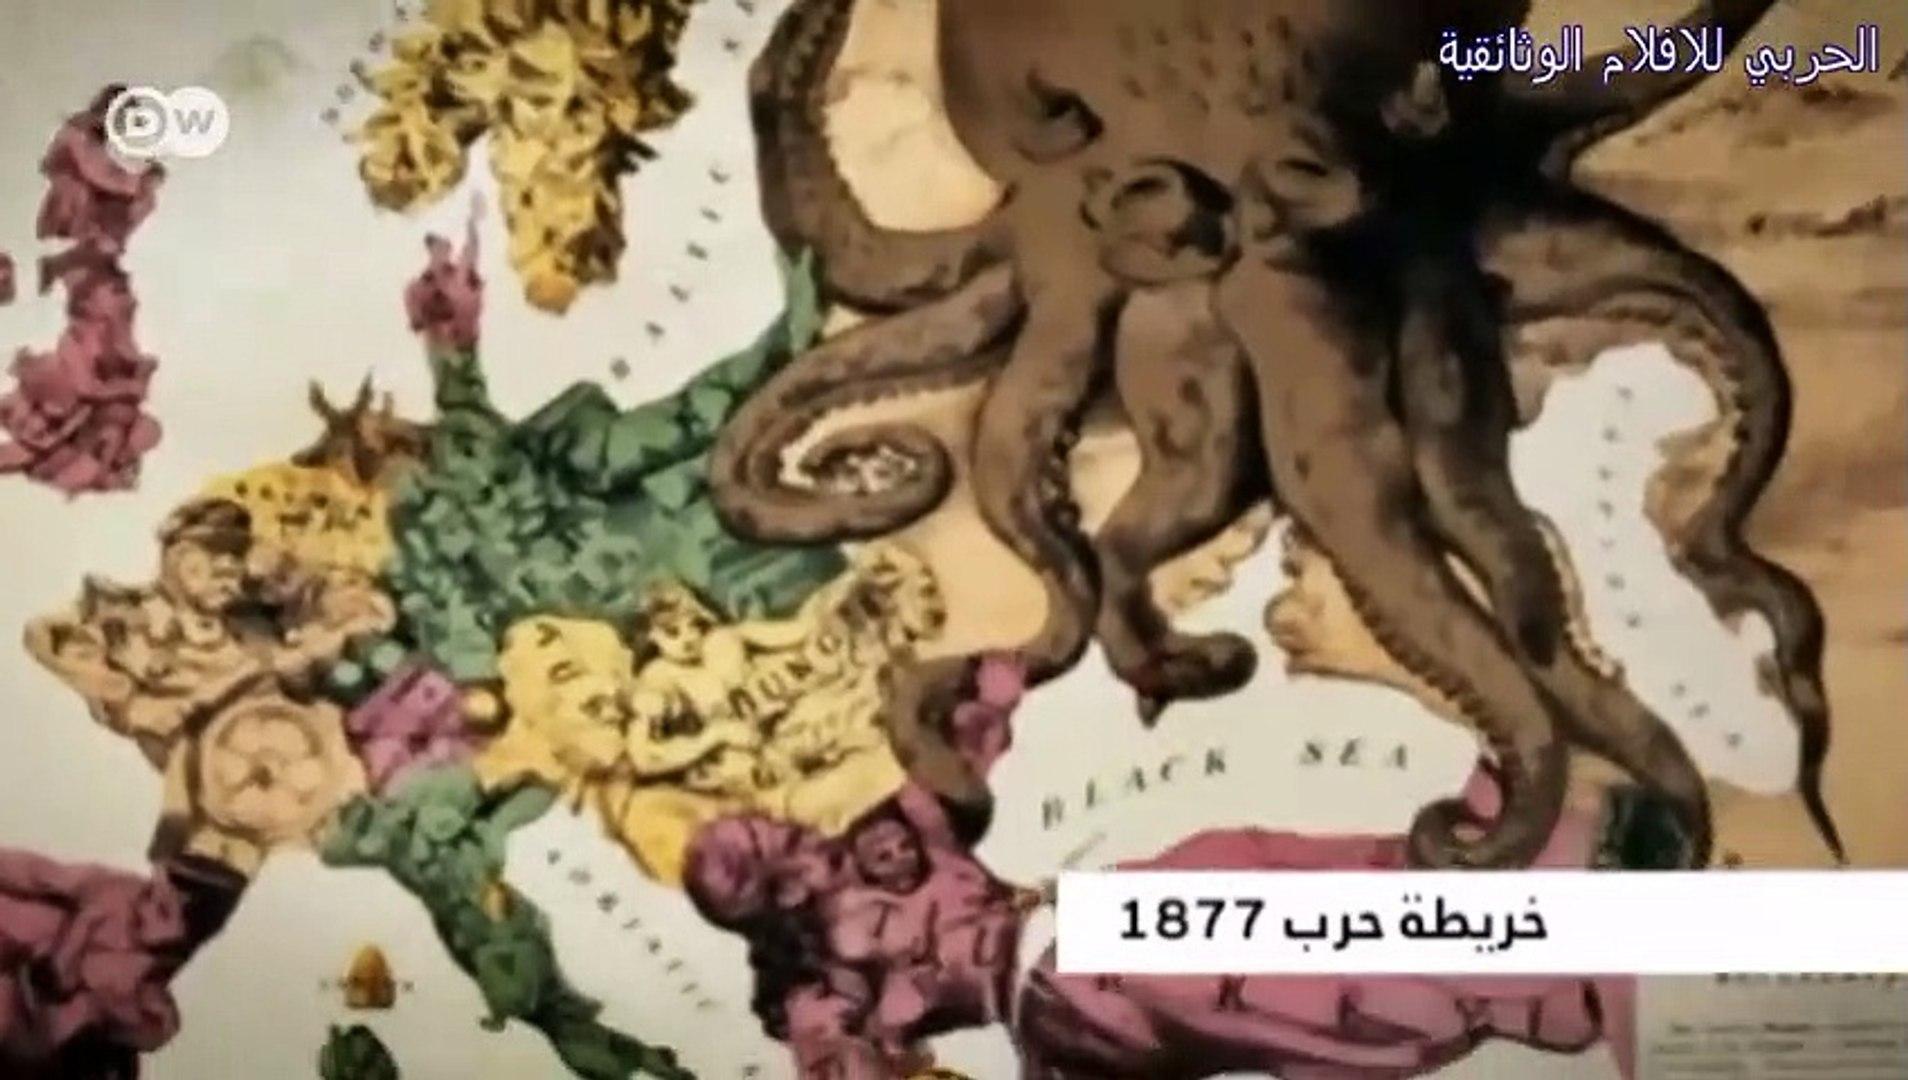 وثائقي الامبراطورية العثمانية الجزء1